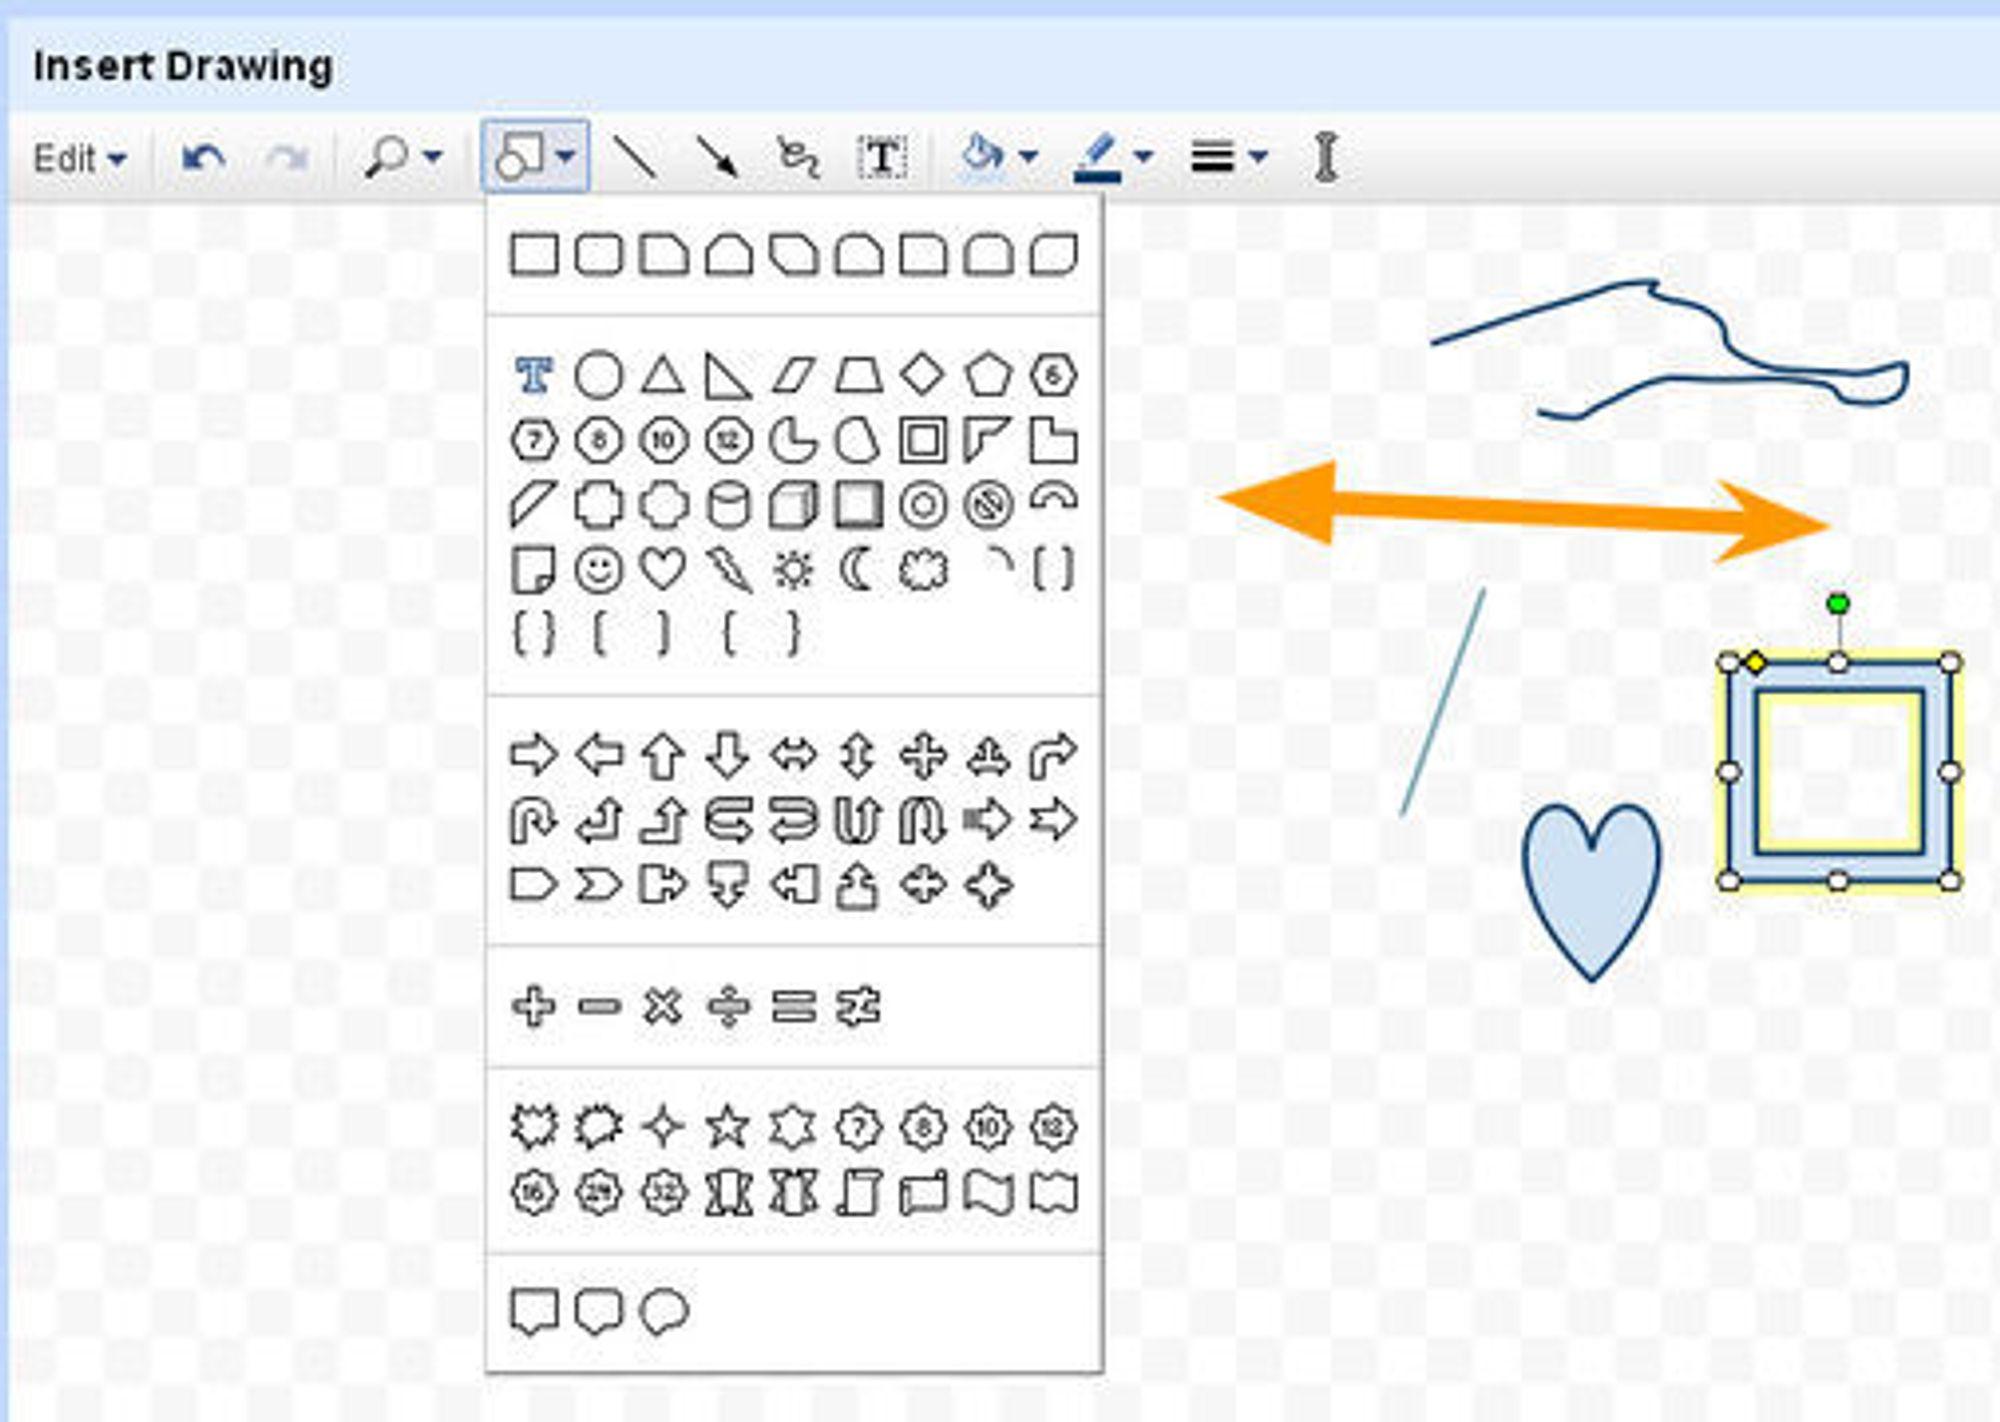 Google Docs'  Insert Drawing-funksjon